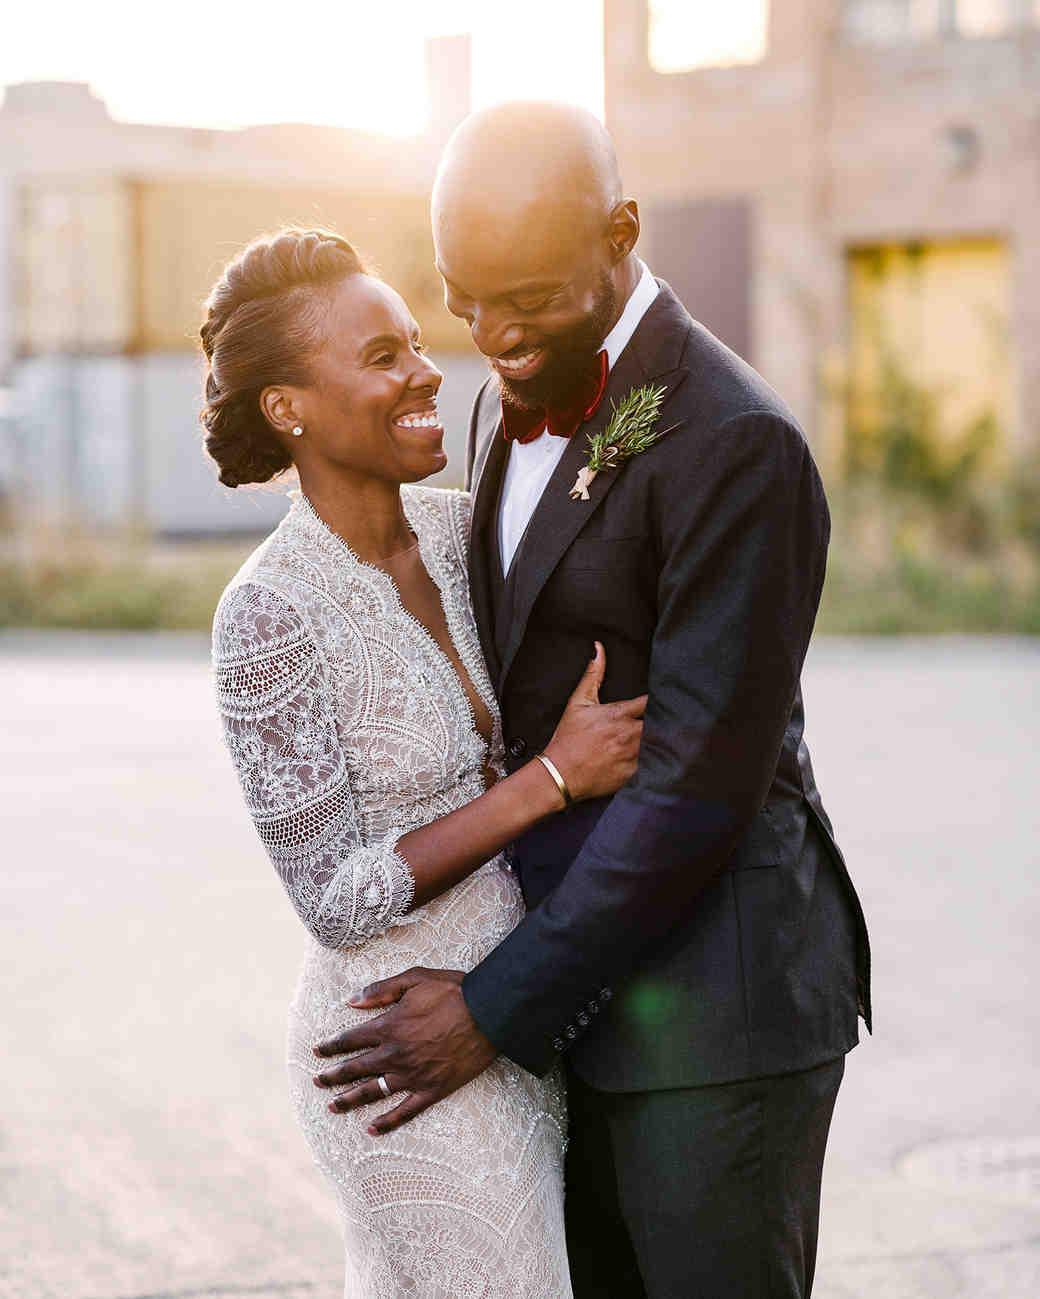 bride with modern center braid updo